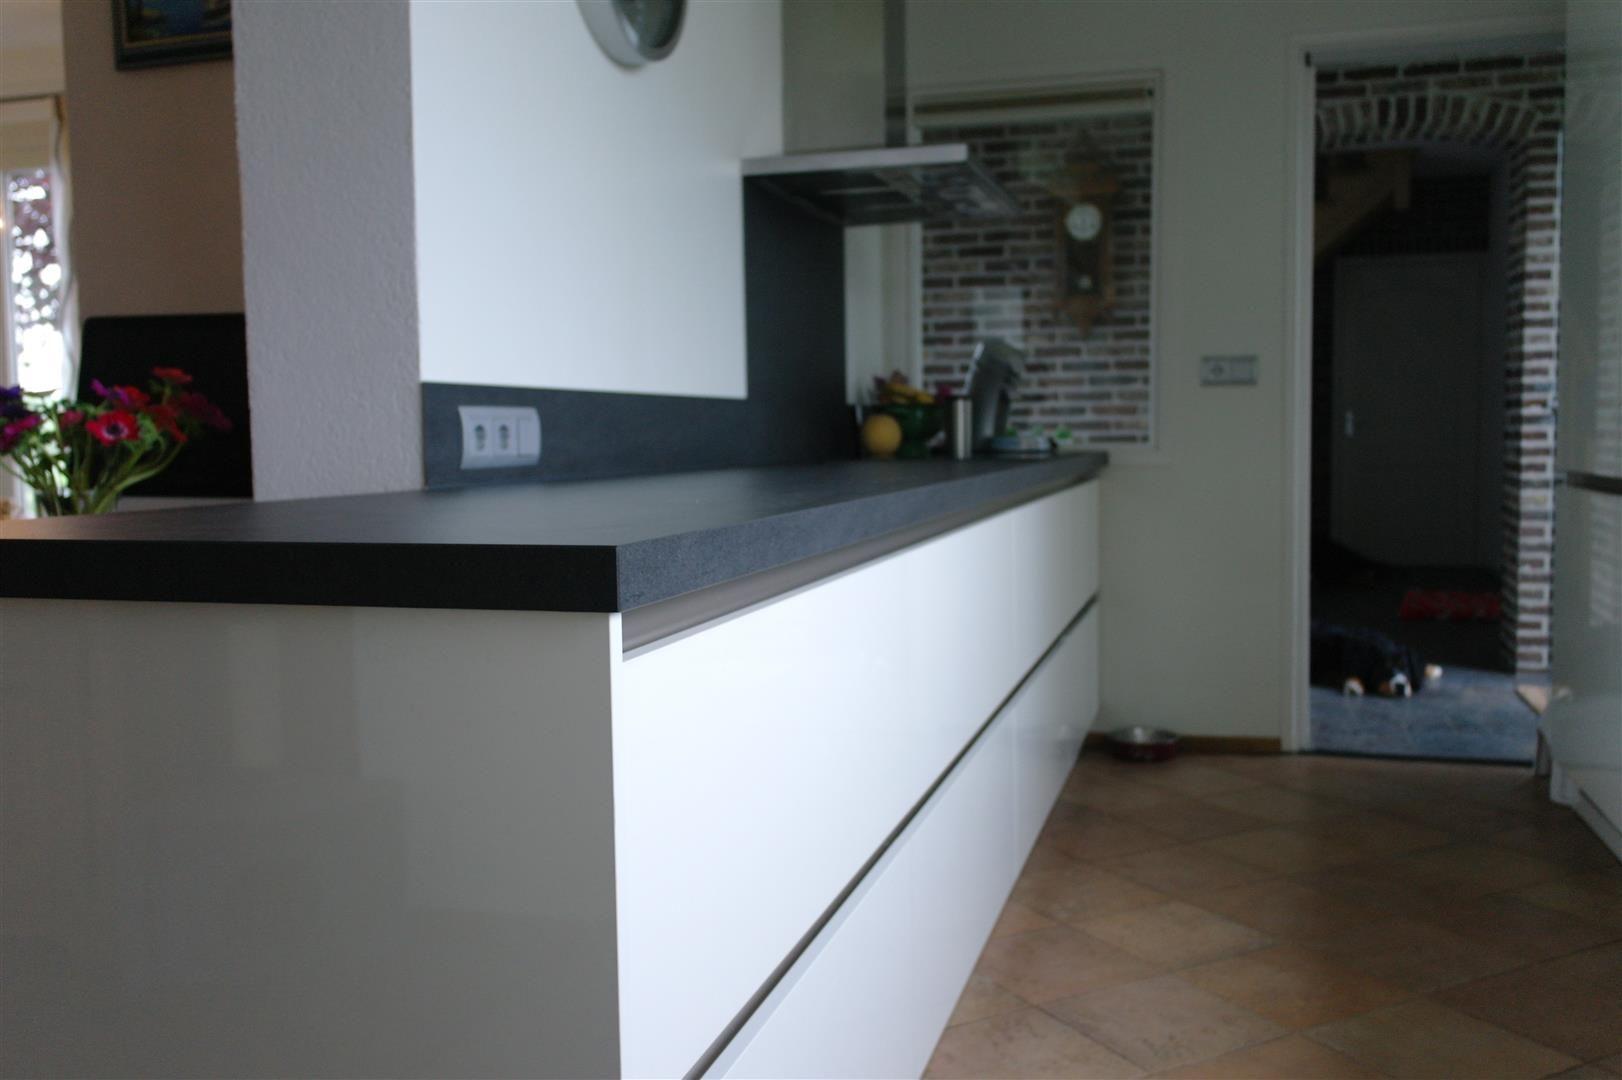 Strakke greeploze hoogglans witte keller keuken met keramiek werkblad voorzien van boretti - Werkblad voor witte keuken ...